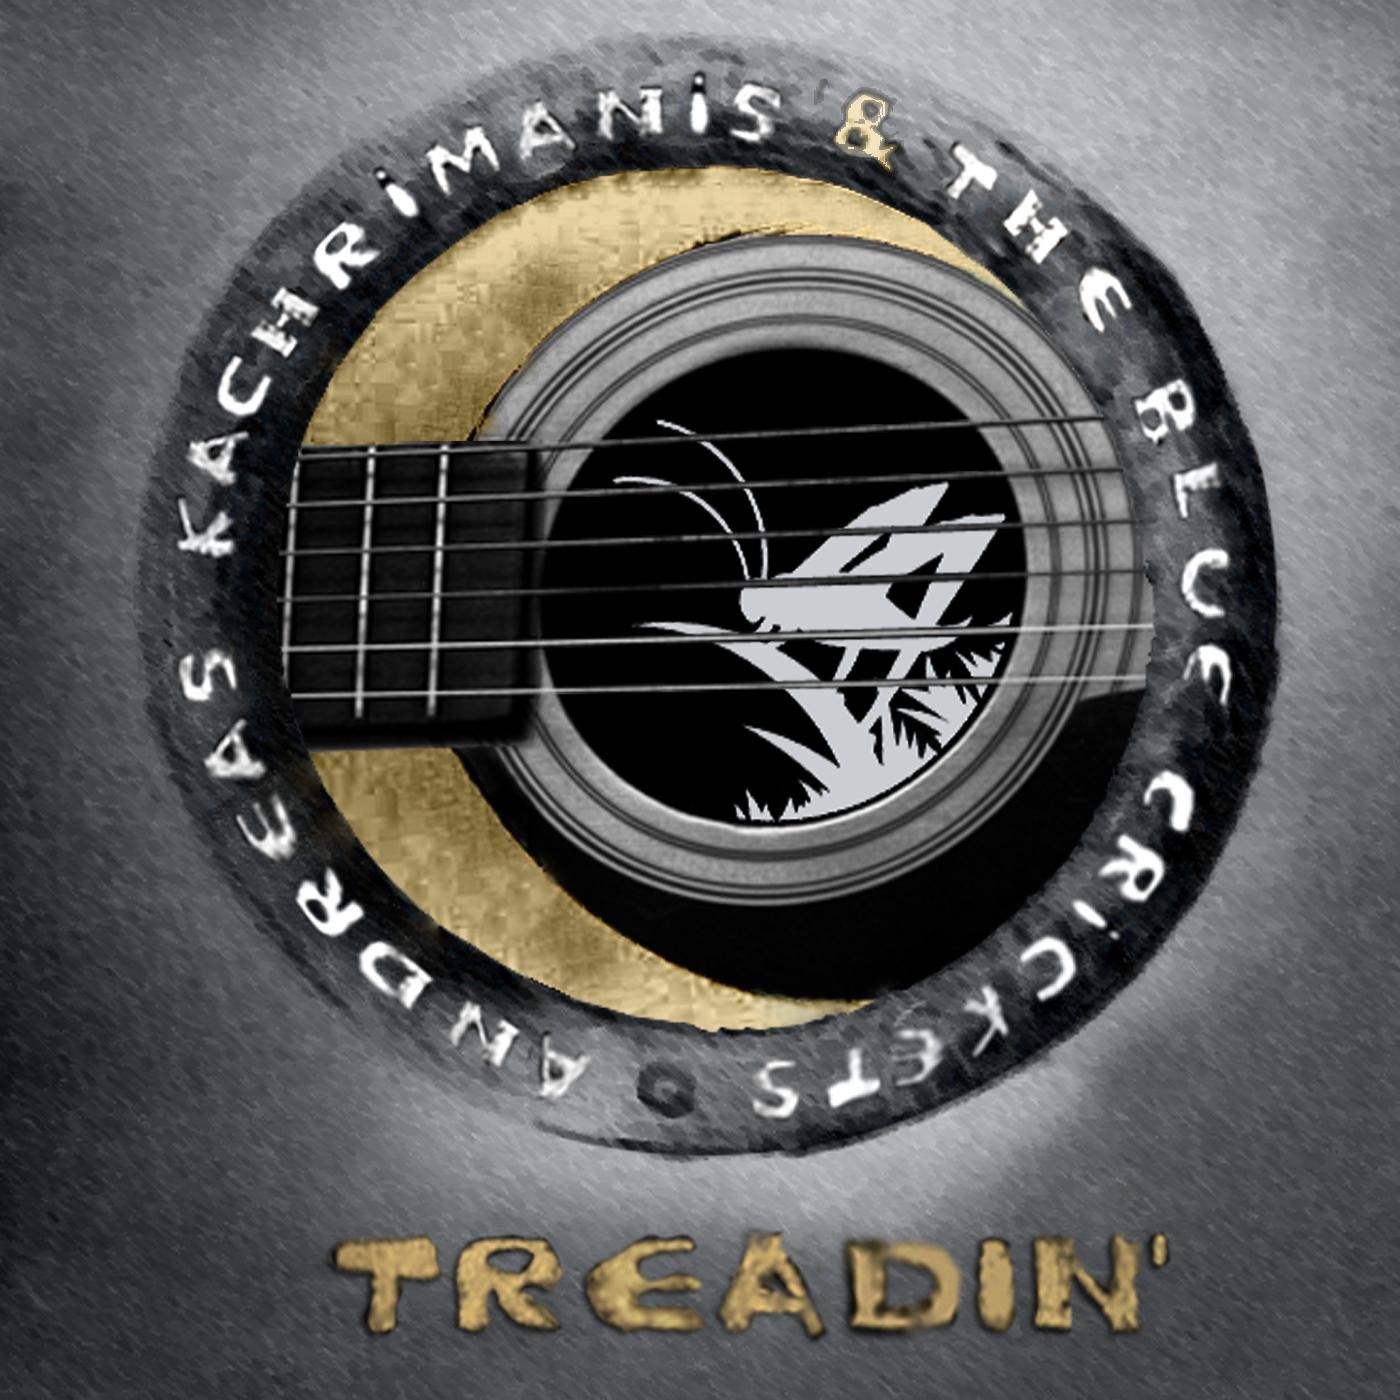 """Το νέο άλμπουμ του Ανδρέα Καχριμάνη και των The Blue Crickets, """"Treadin'"""""""